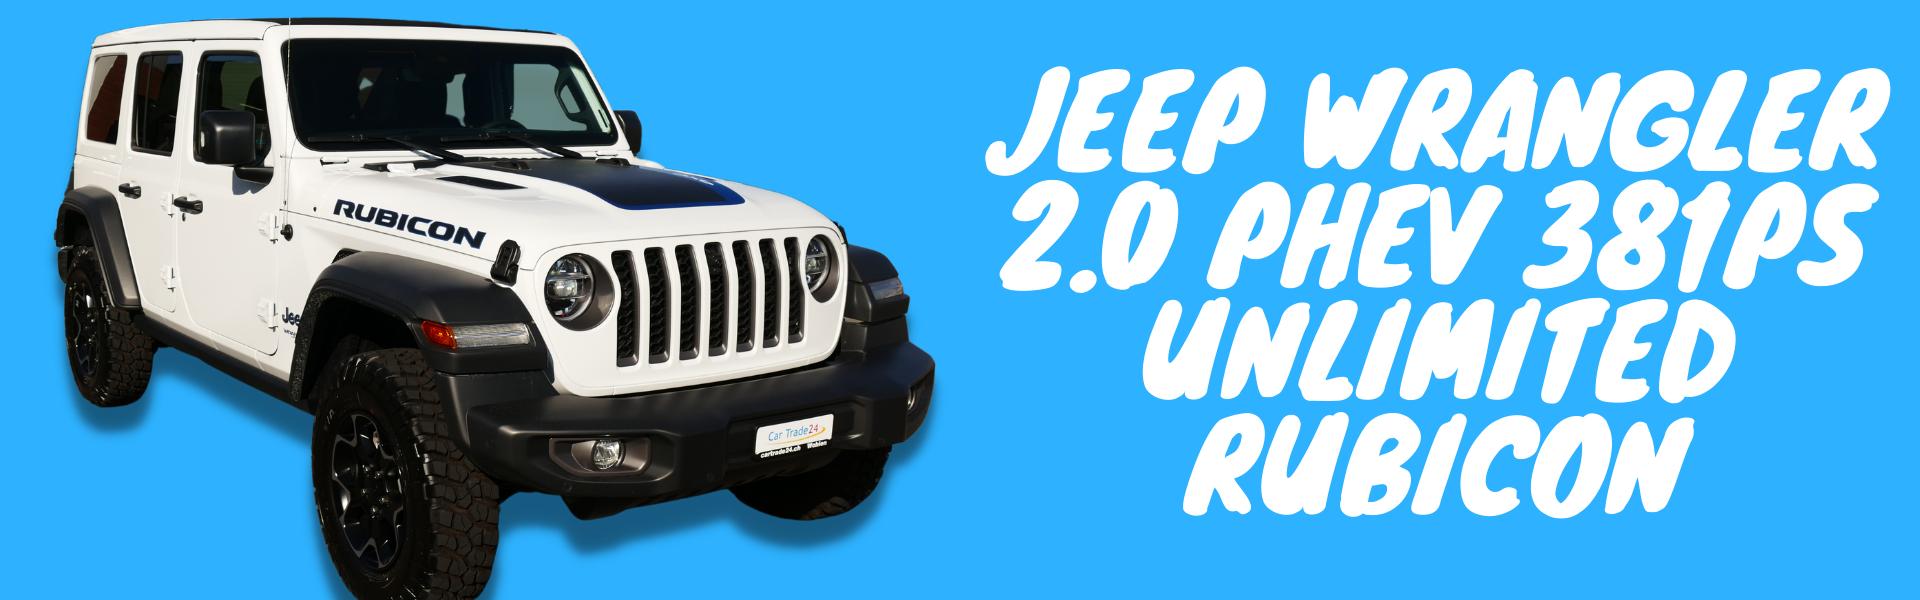 Jeep_Wrangler_Rubicon_3